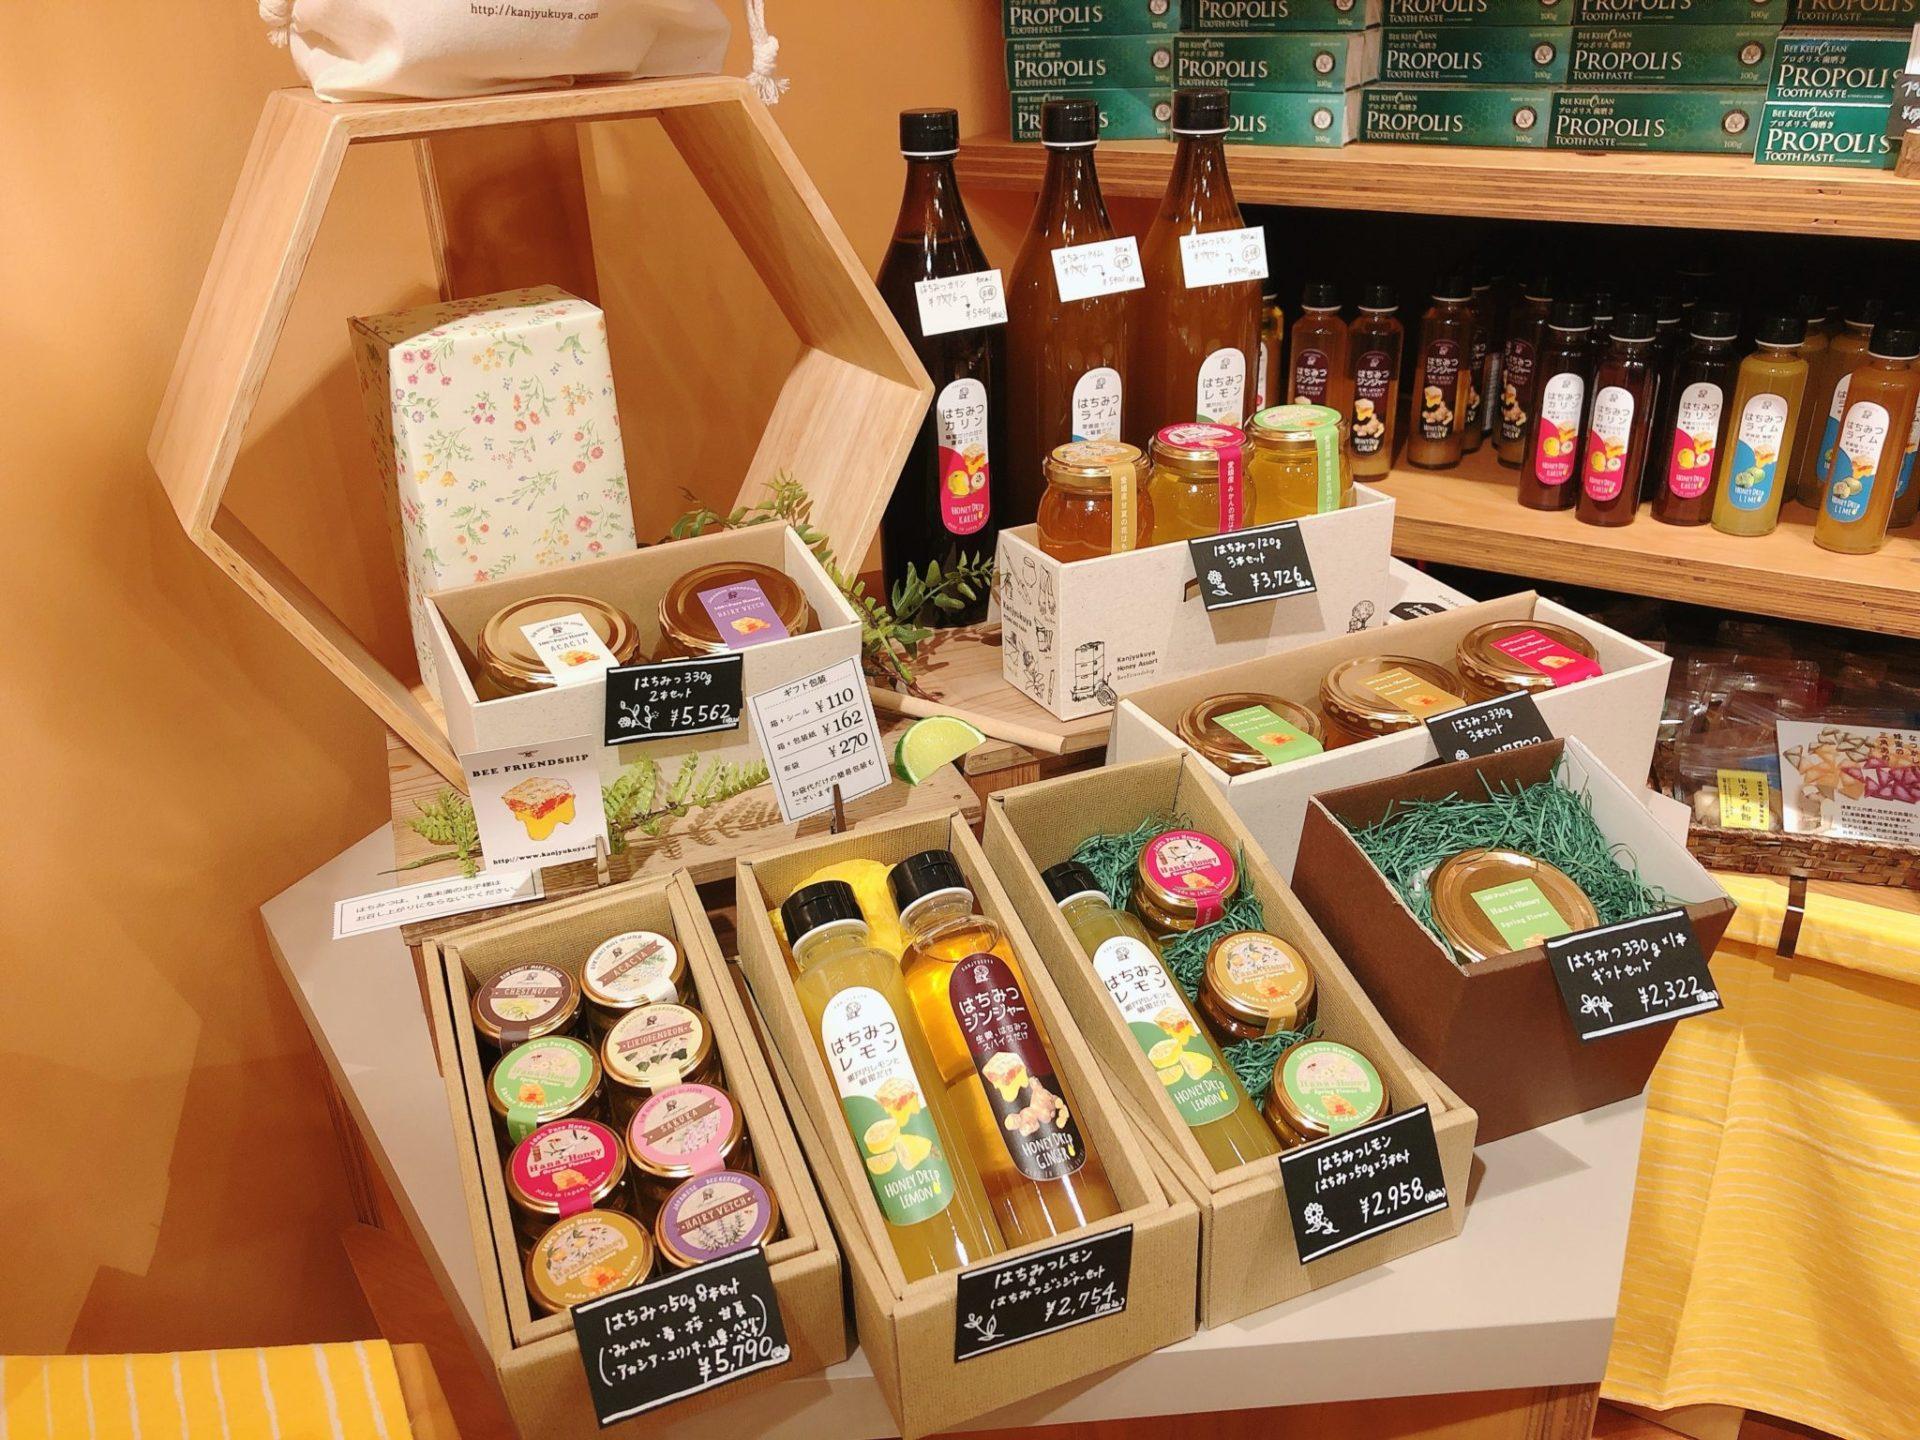 日比谷OKUROJI(ヒビヤオクロジ)のビーフレンドシップの手土産・蜂蜜